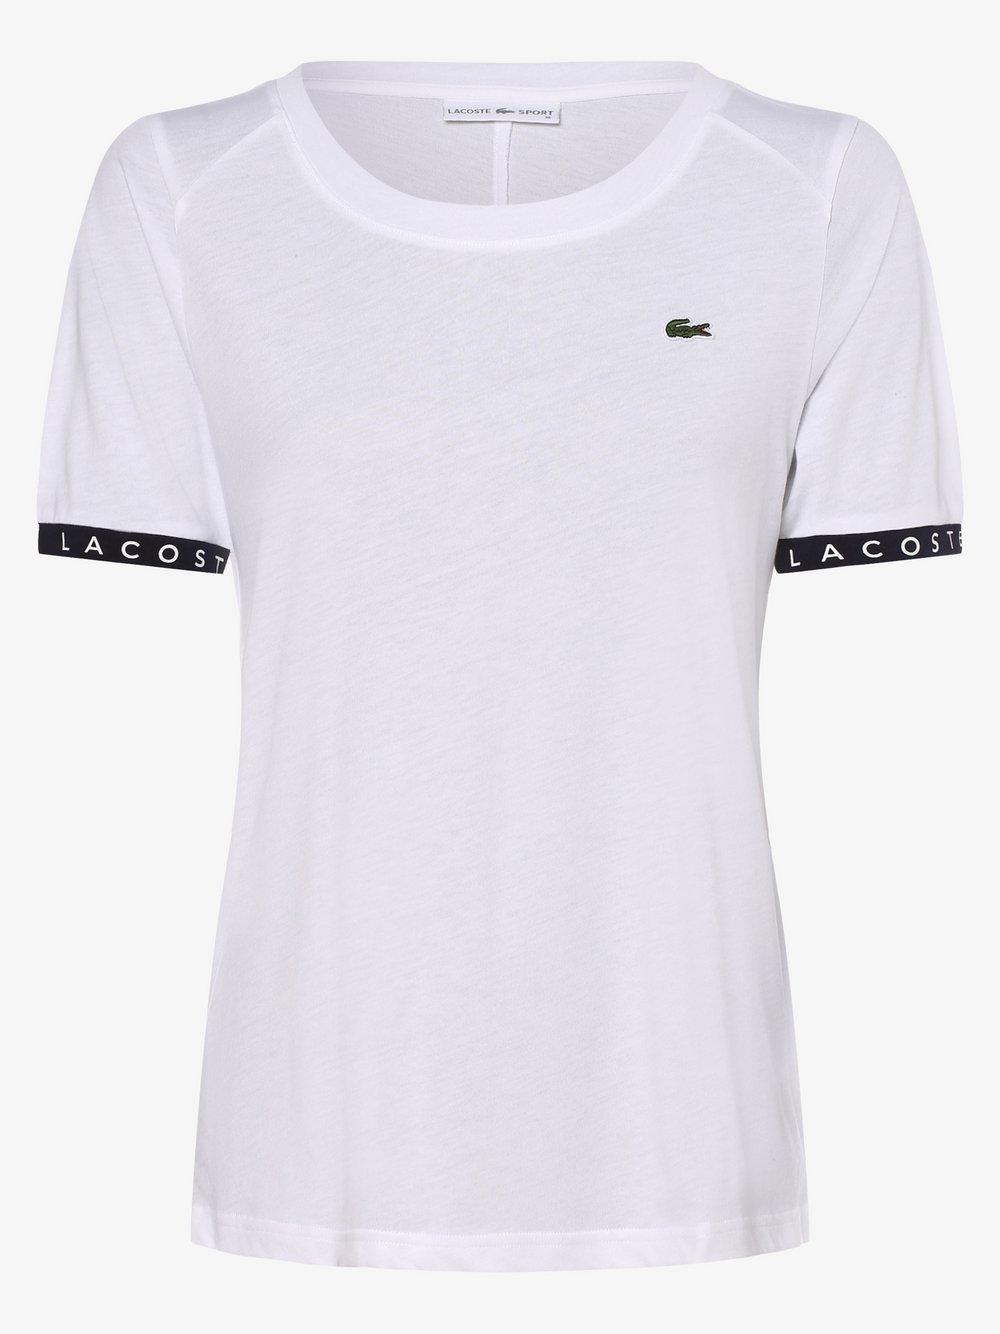 Lacoste - T-shirt damski, biały